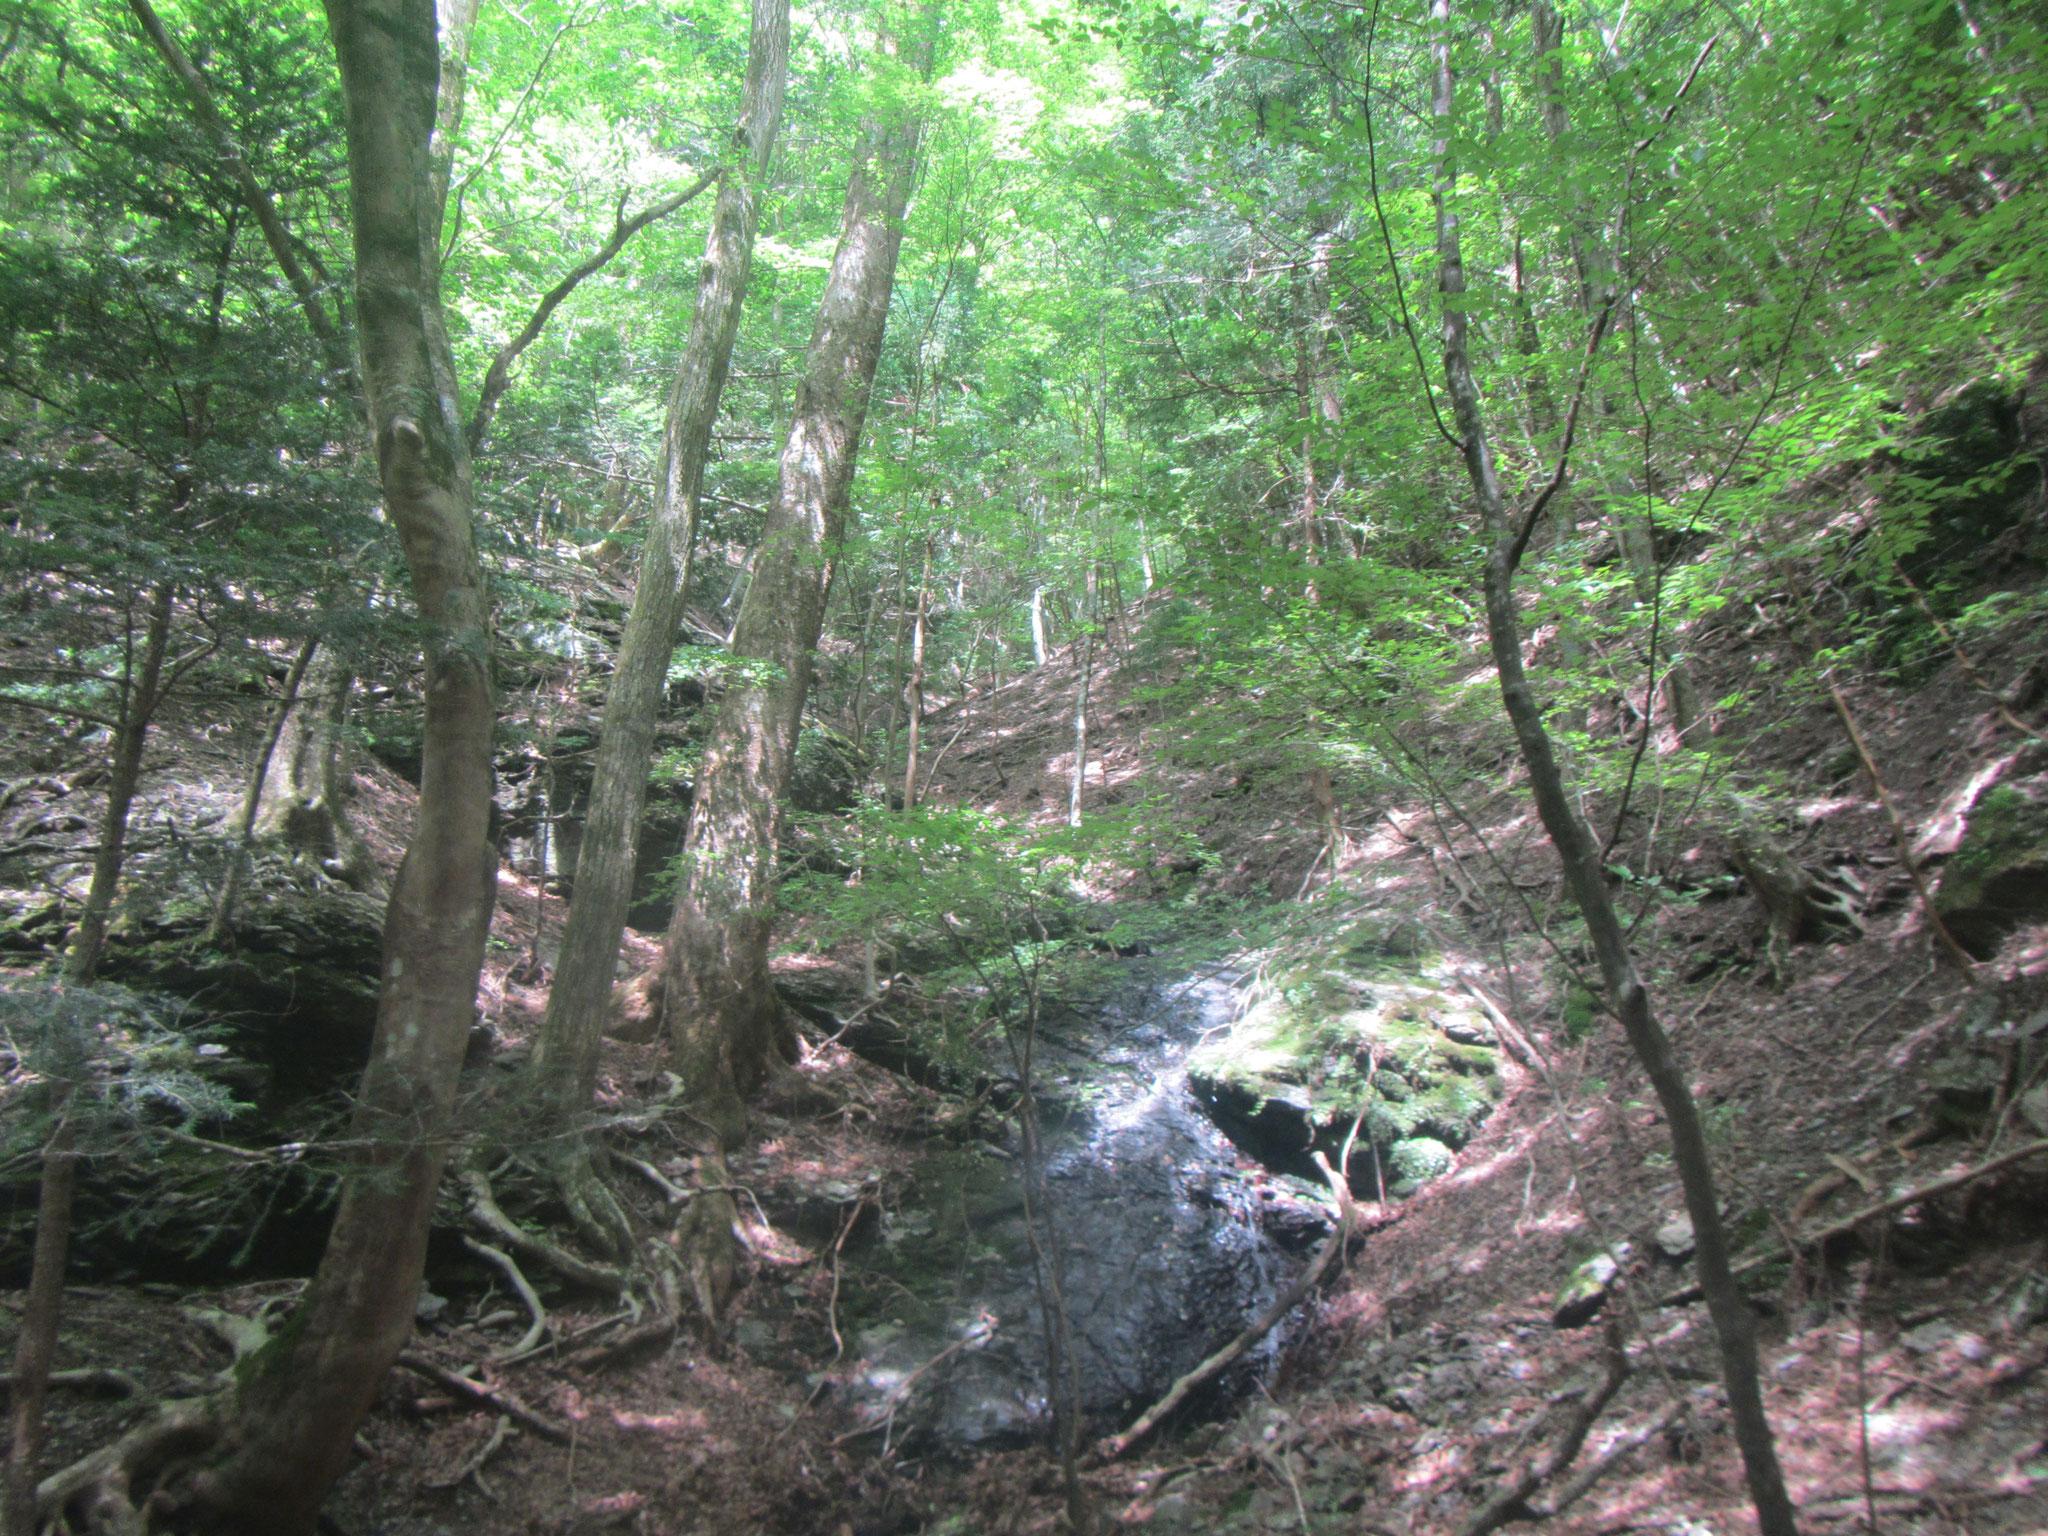 渡邊士乃武自然保護区  佐久間トラスト地(静岡県浜松市) 2006年取得 約294ha